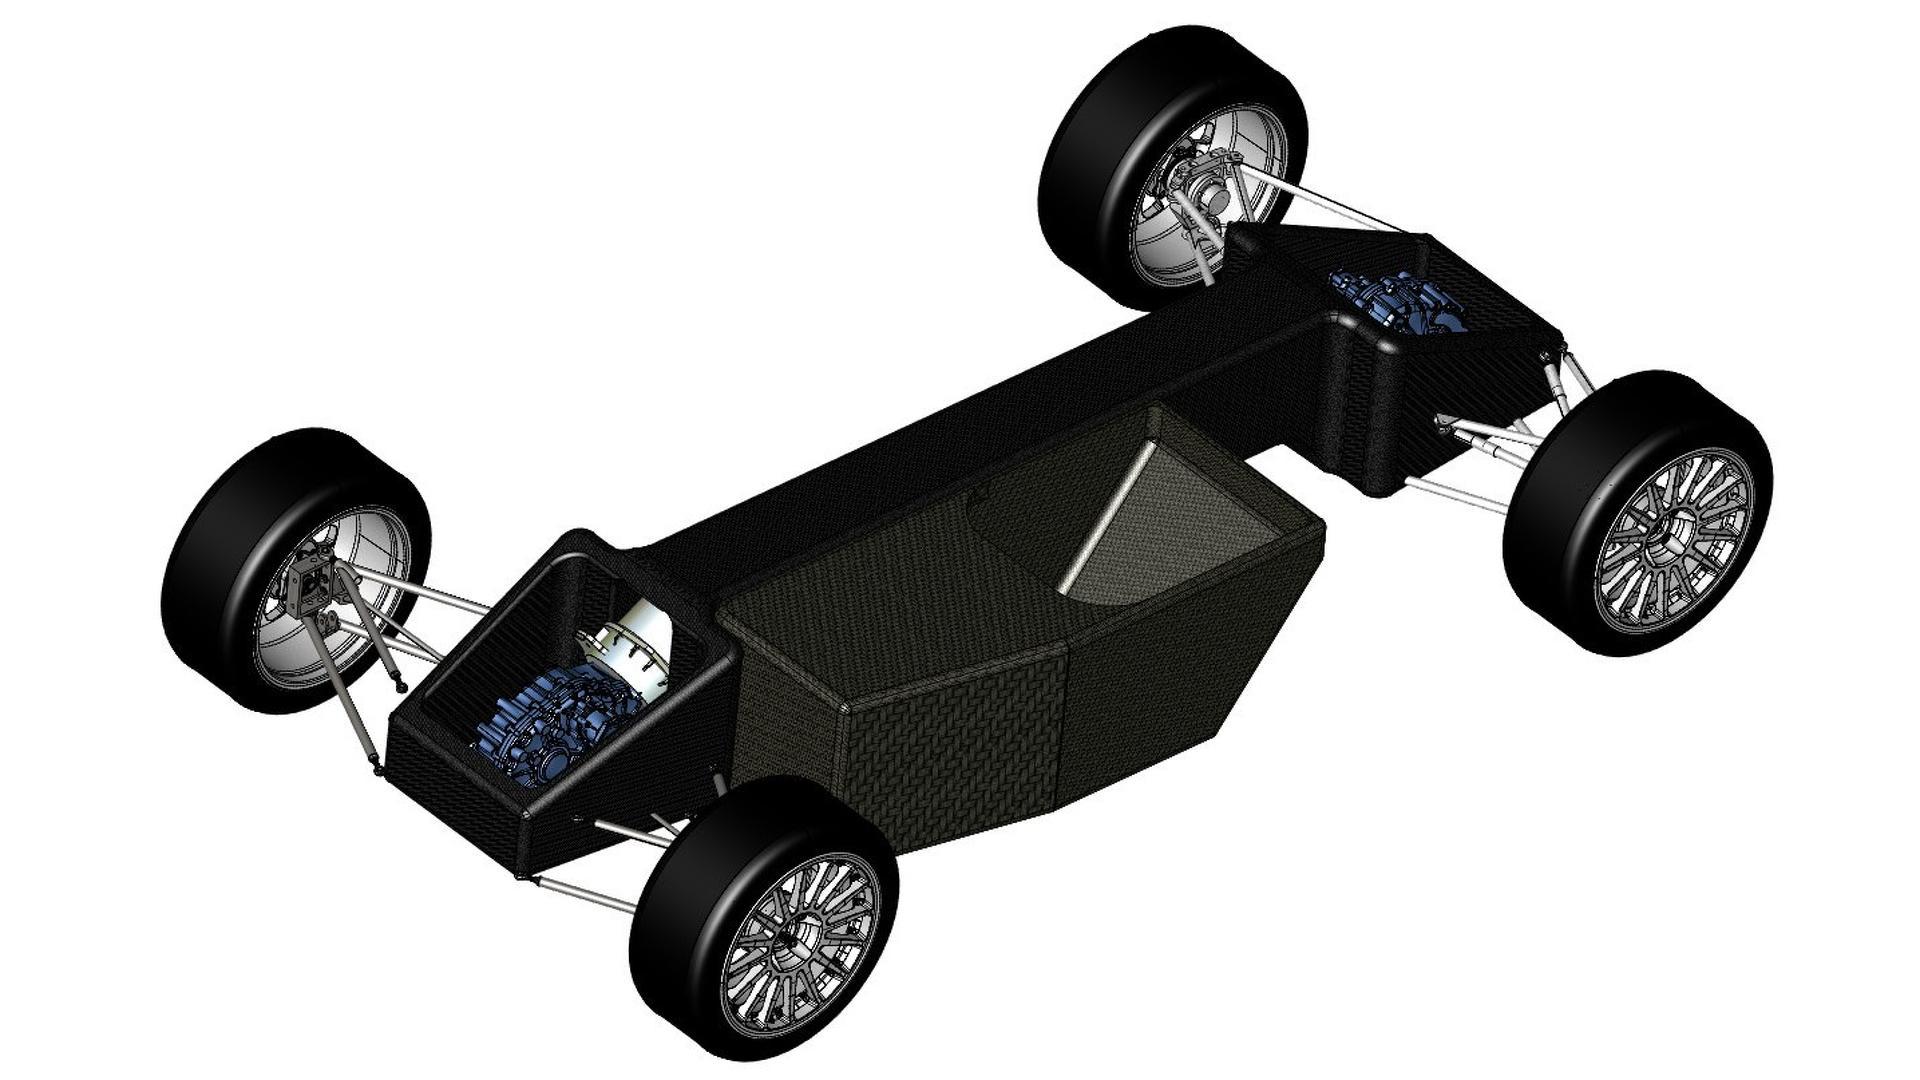 Panoz_GT-EV_racecar_09